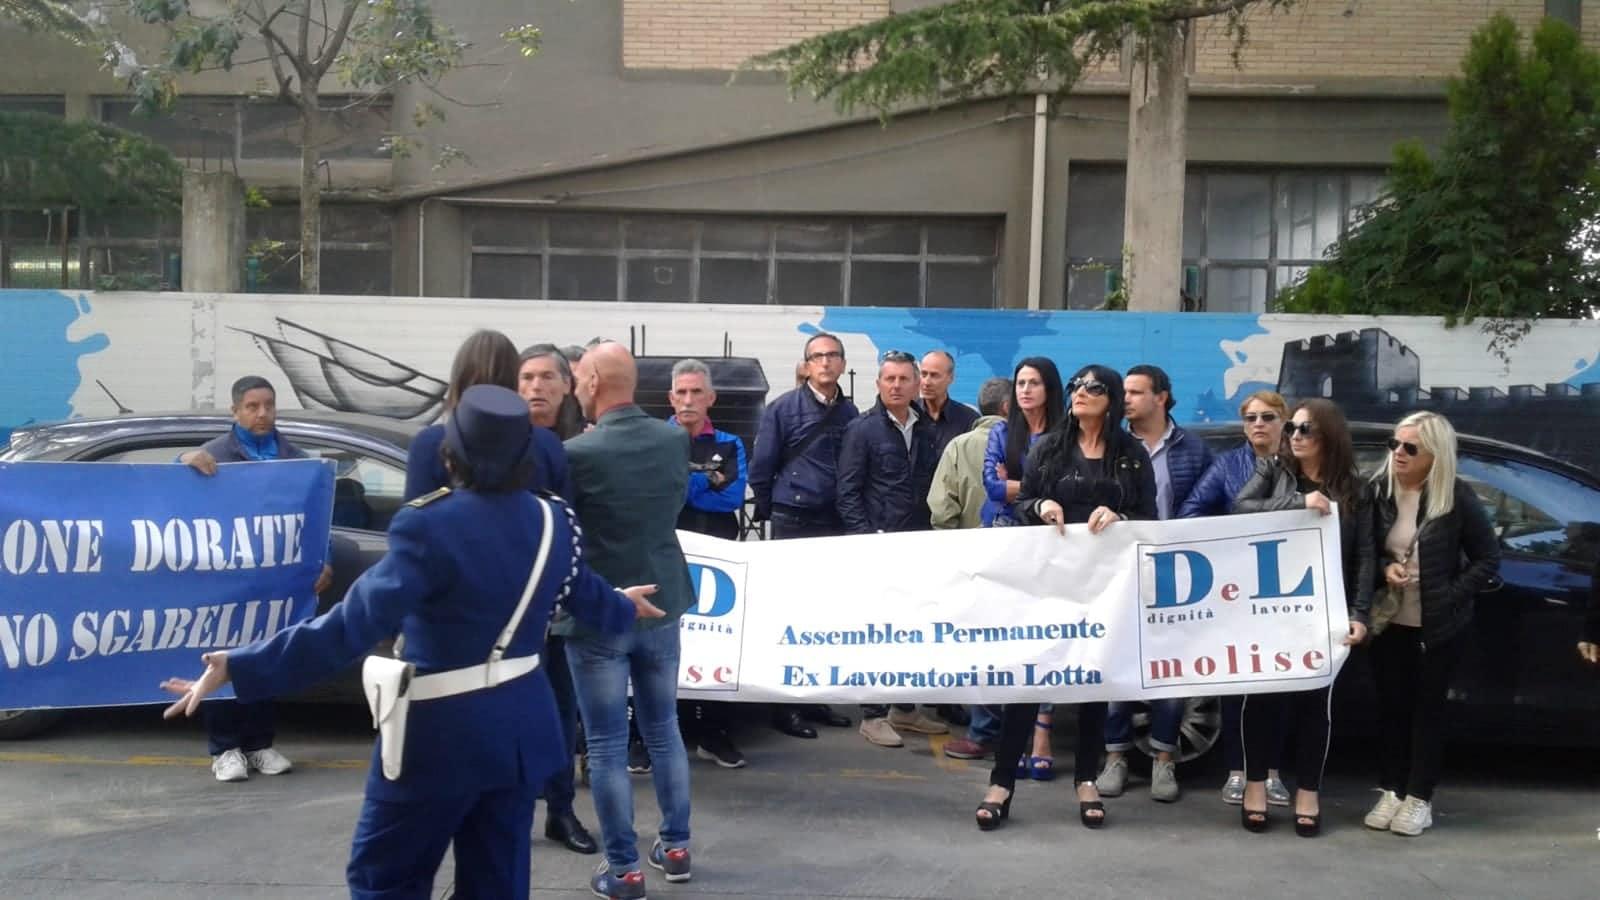 """Ex Lavoratori in Lotta salta il vertice con Toma che rimanda la palla all'assessore Mazzuto. """"Il presidente ci ha comunicato suo impegno a Roma all'ultimo momento"""". Così il portavoce Emilio Izzo."""